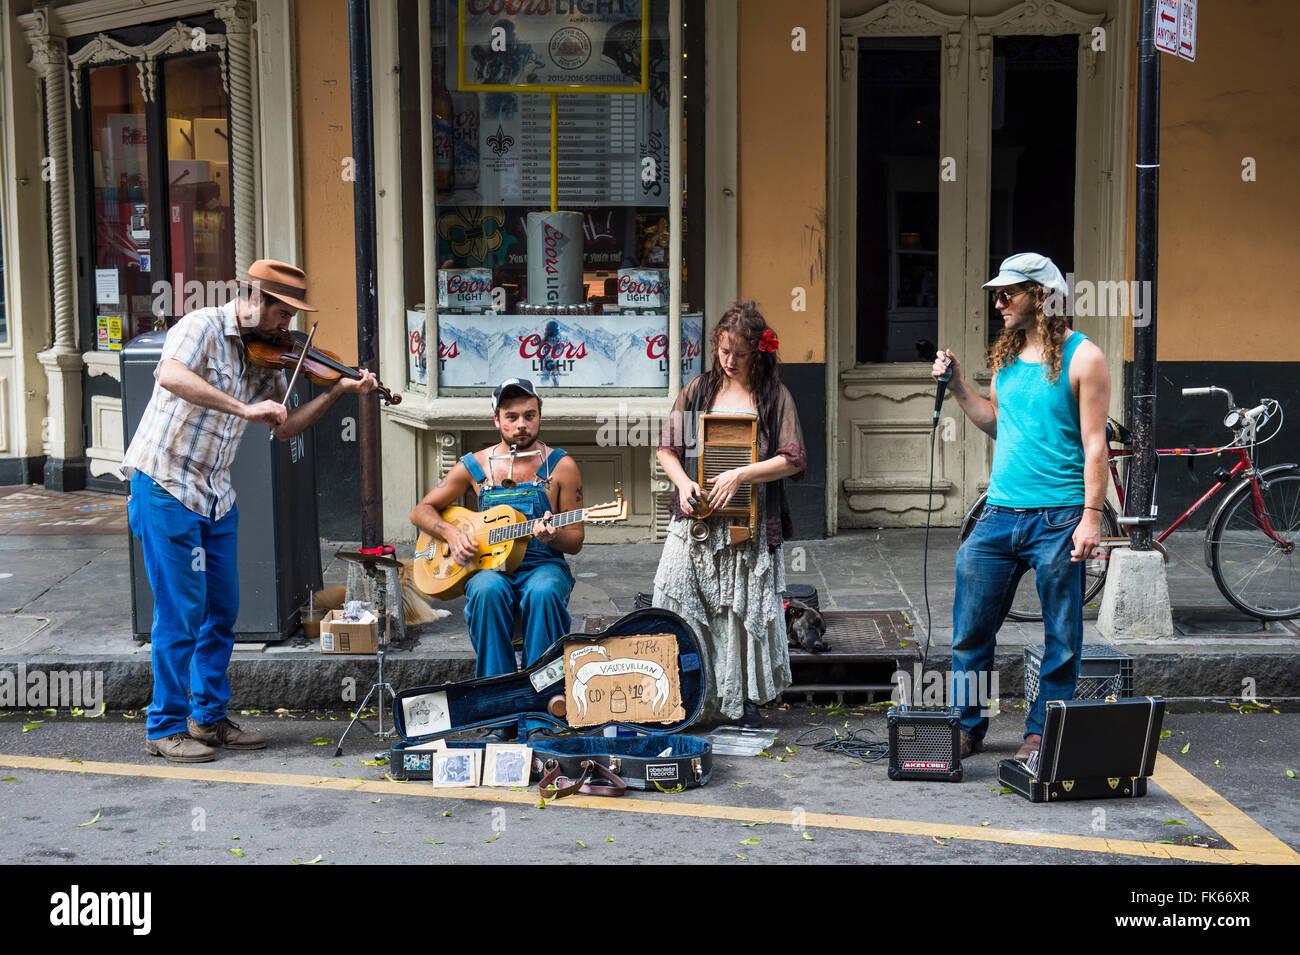 Musicisti di strada del Quartiere Francese, New Orleans, Louisiana, Stati Uniti d'America, America del Nord Immagini Stock